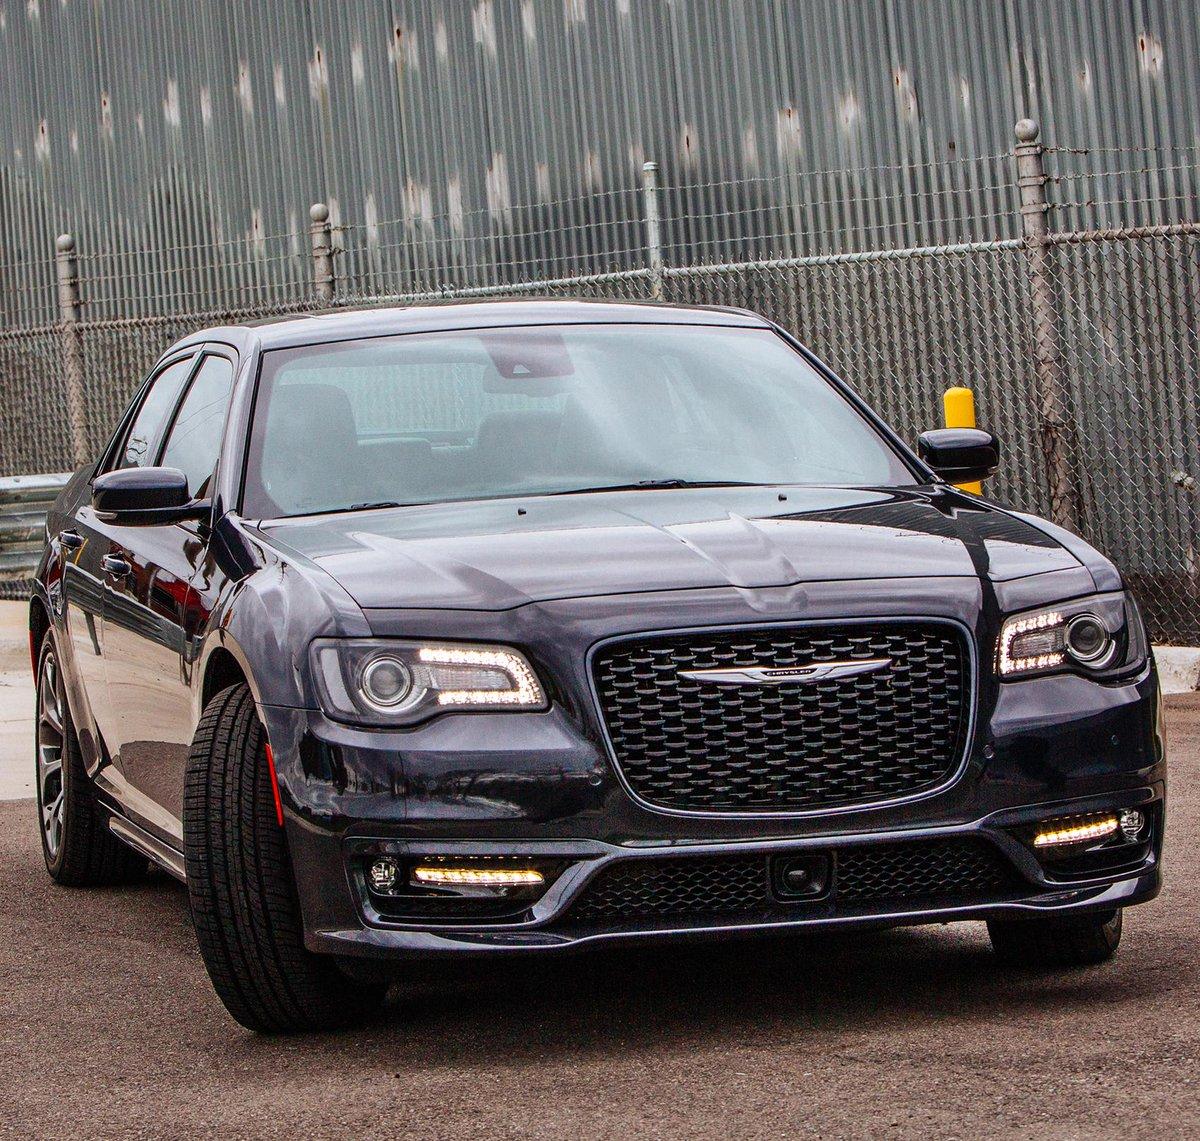 Chrysler Hashtag On Twitter - Chrysler pap